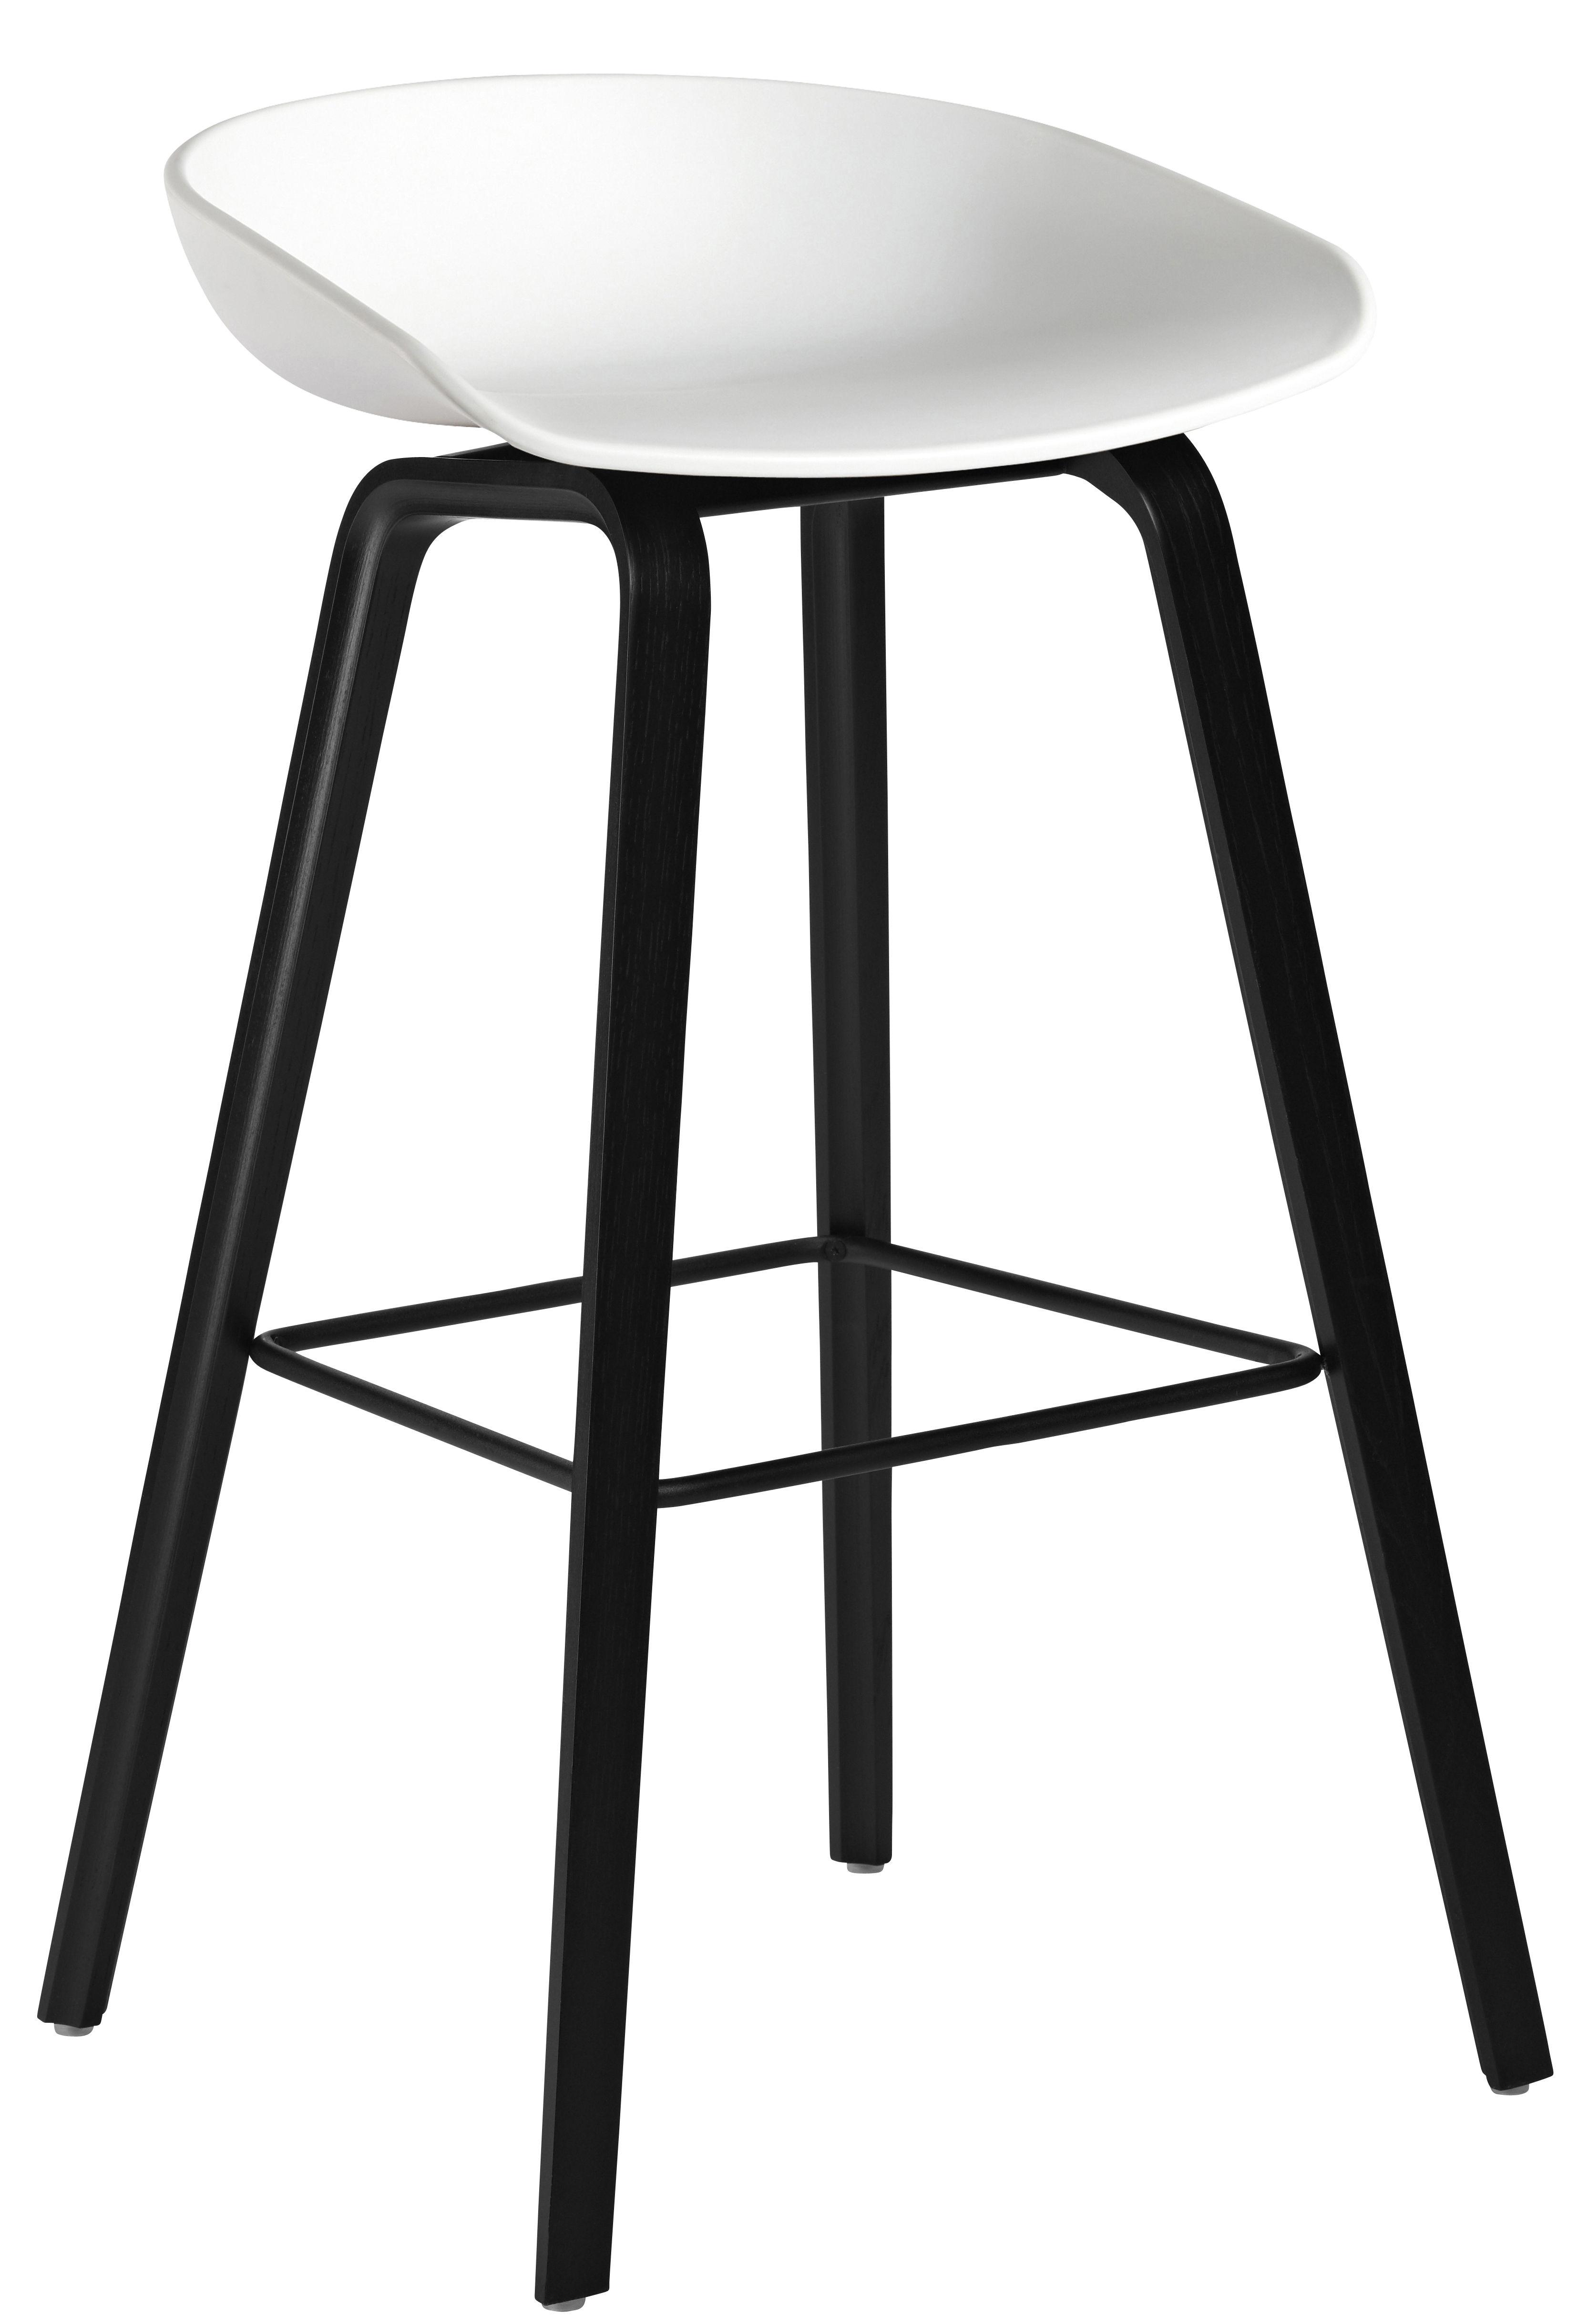 tabouret de bar about a stool aas 32 h 75 cm plastique pieds bois blanc pieds noirs hay. Black Bedroom Furniture Sets. Home Design Ideas